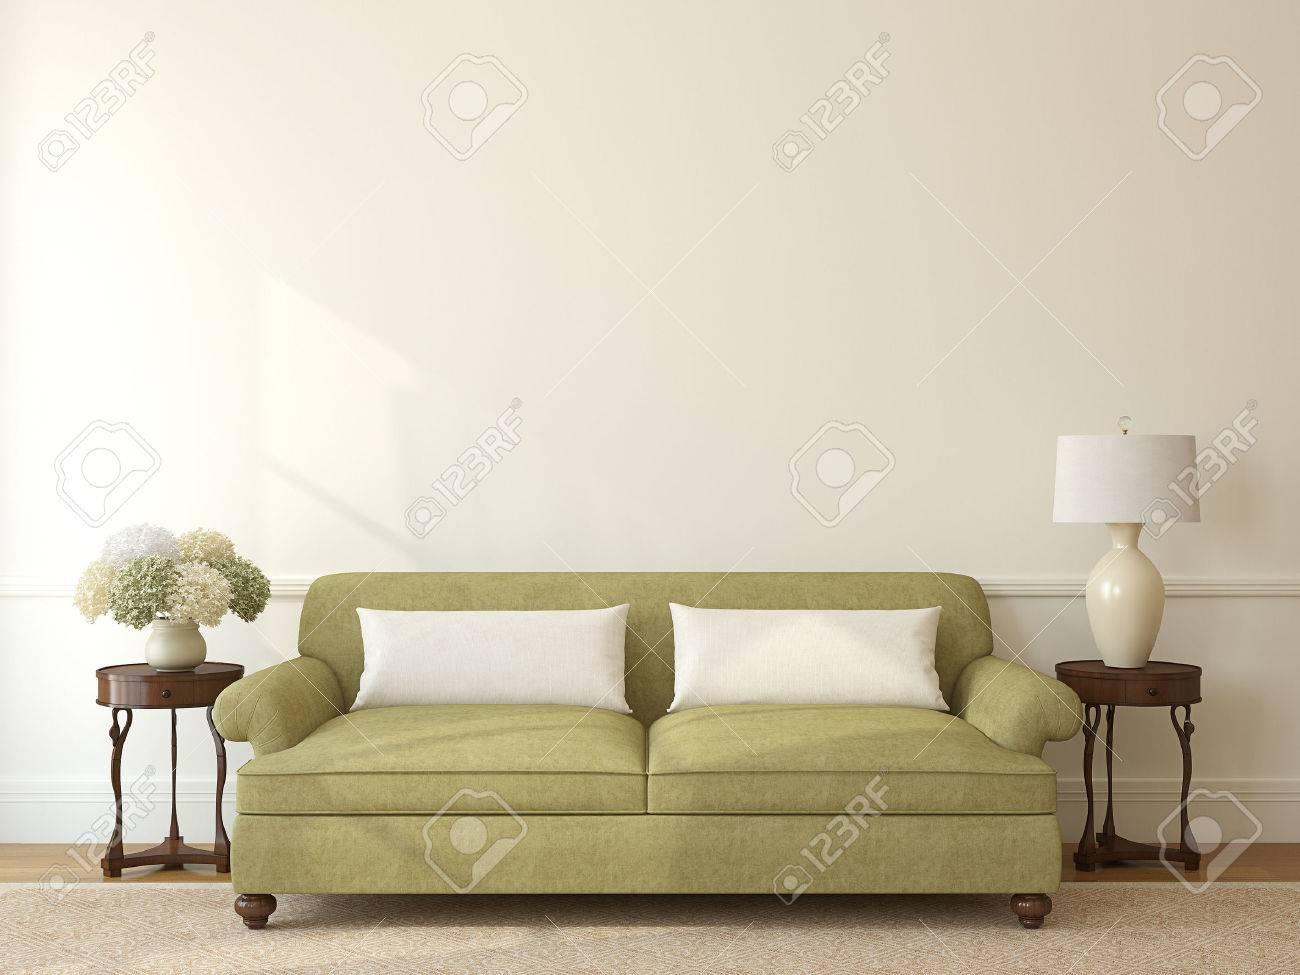 Klassisches Wohnzimmer Interieur Mit Grünen Sofa In Der Nähe Leer Beige Wand.  3D Darstellung